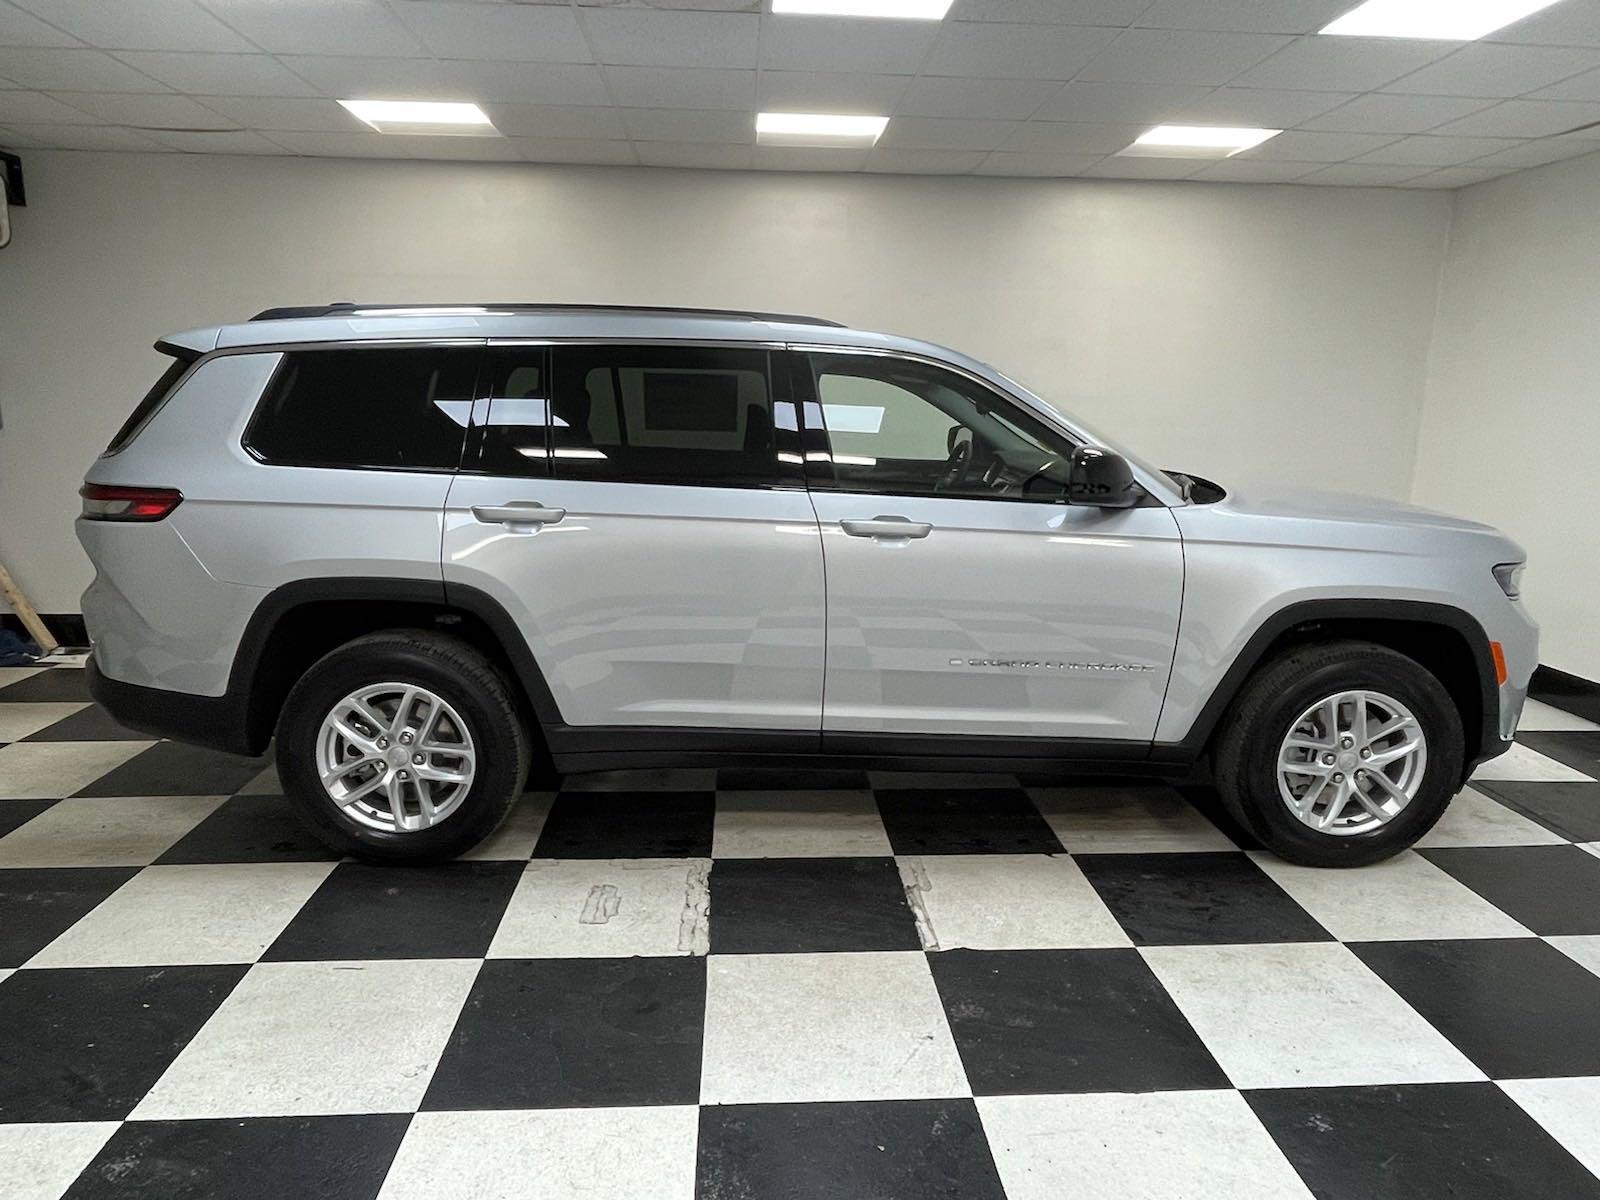 New 2021 Jeep Grand Cherokee L  Sport Utility for sale in Grand Island NE